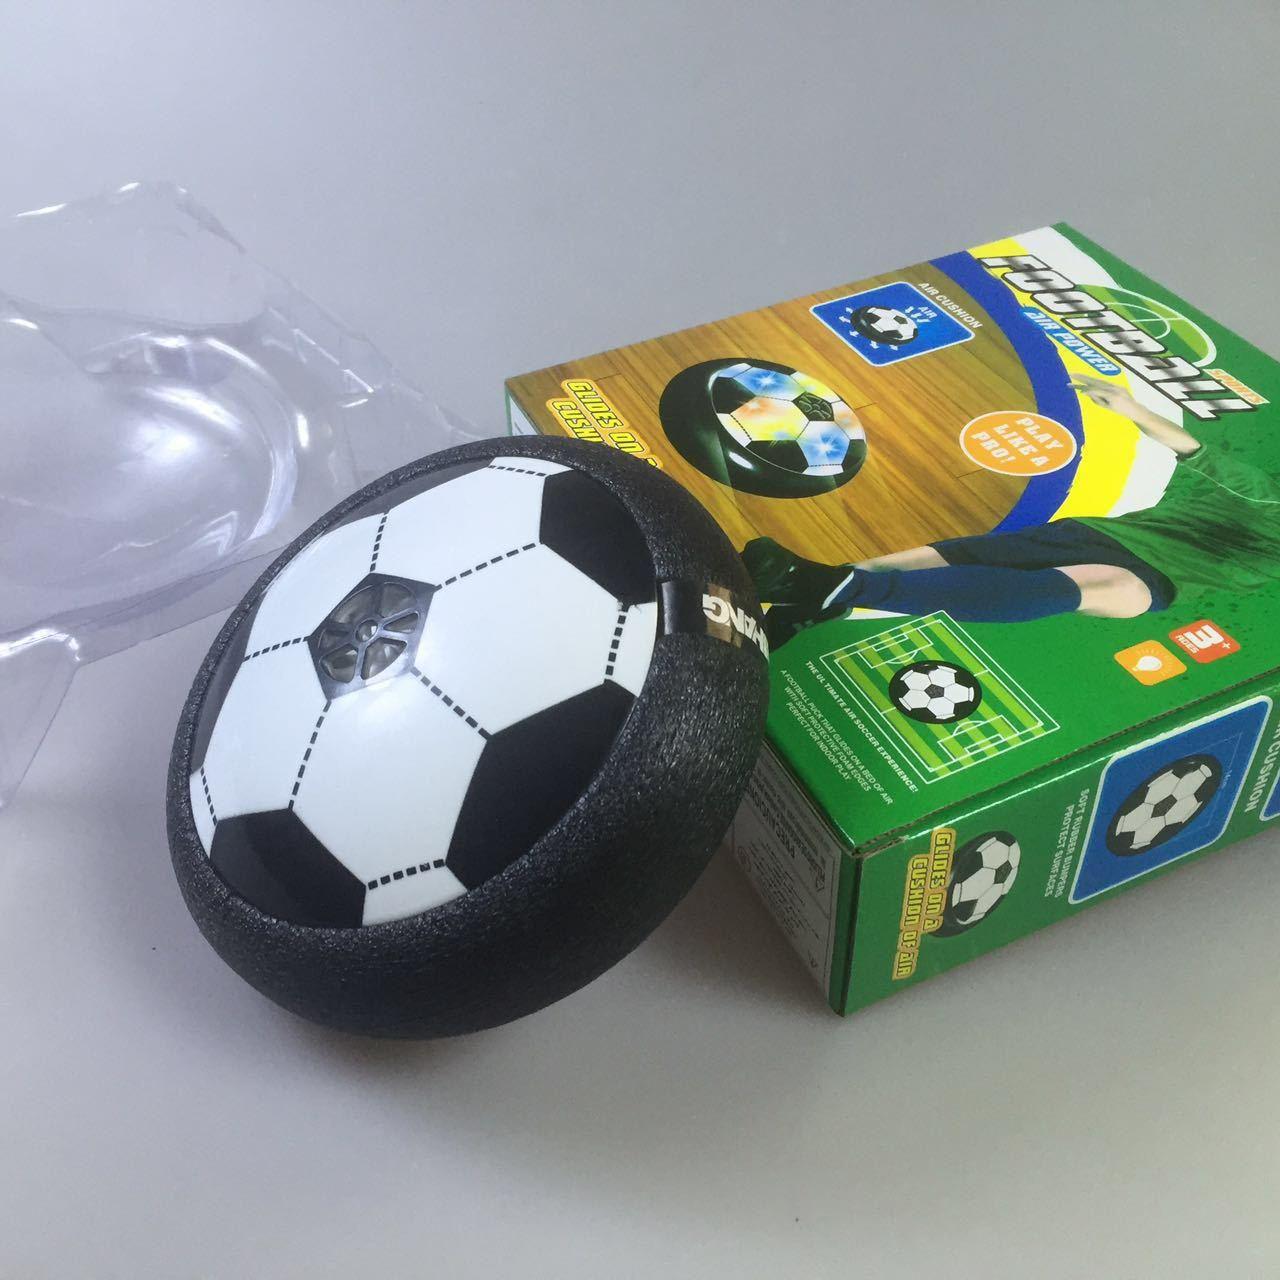 Nuovi giocattoli classici bambini Calcio di sospensione LED cuscino d'aria elettrico Disco pneumatico bambini Gioco da gioco bambini